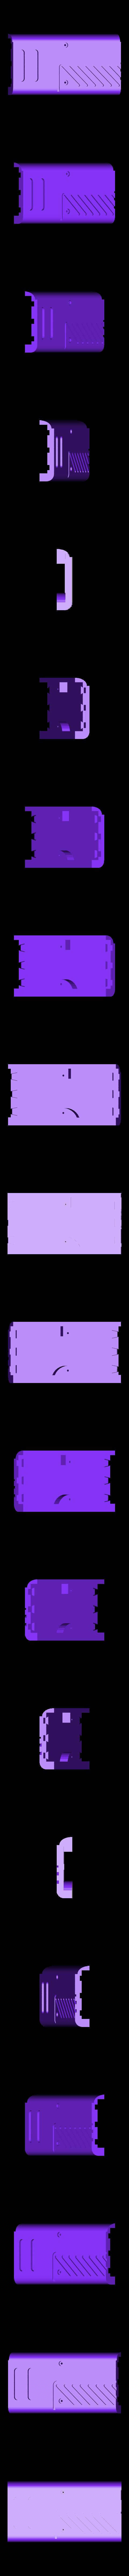 5_Pulserifle_Body5.stl Download free STL file Pulse Rifle • 3D printer template, Snorri